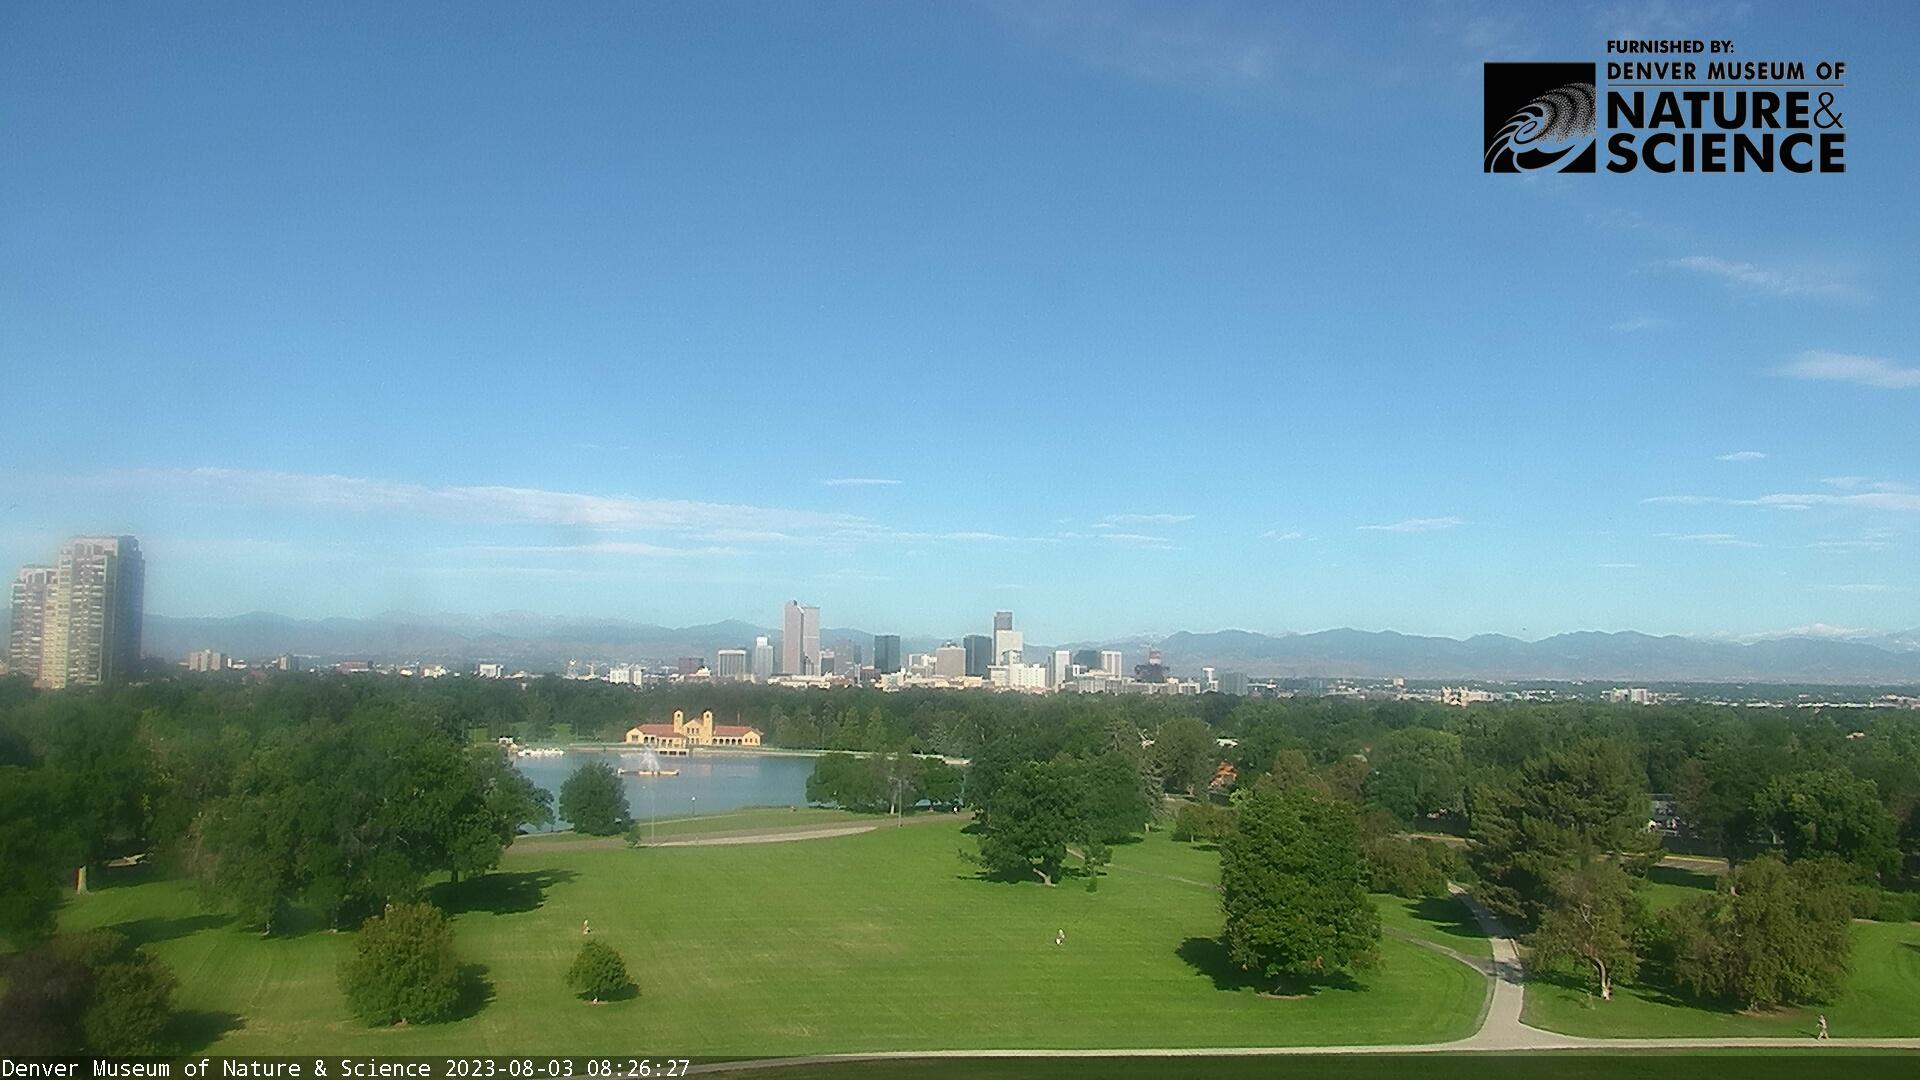 Denver, Colorado Sun. 08:29